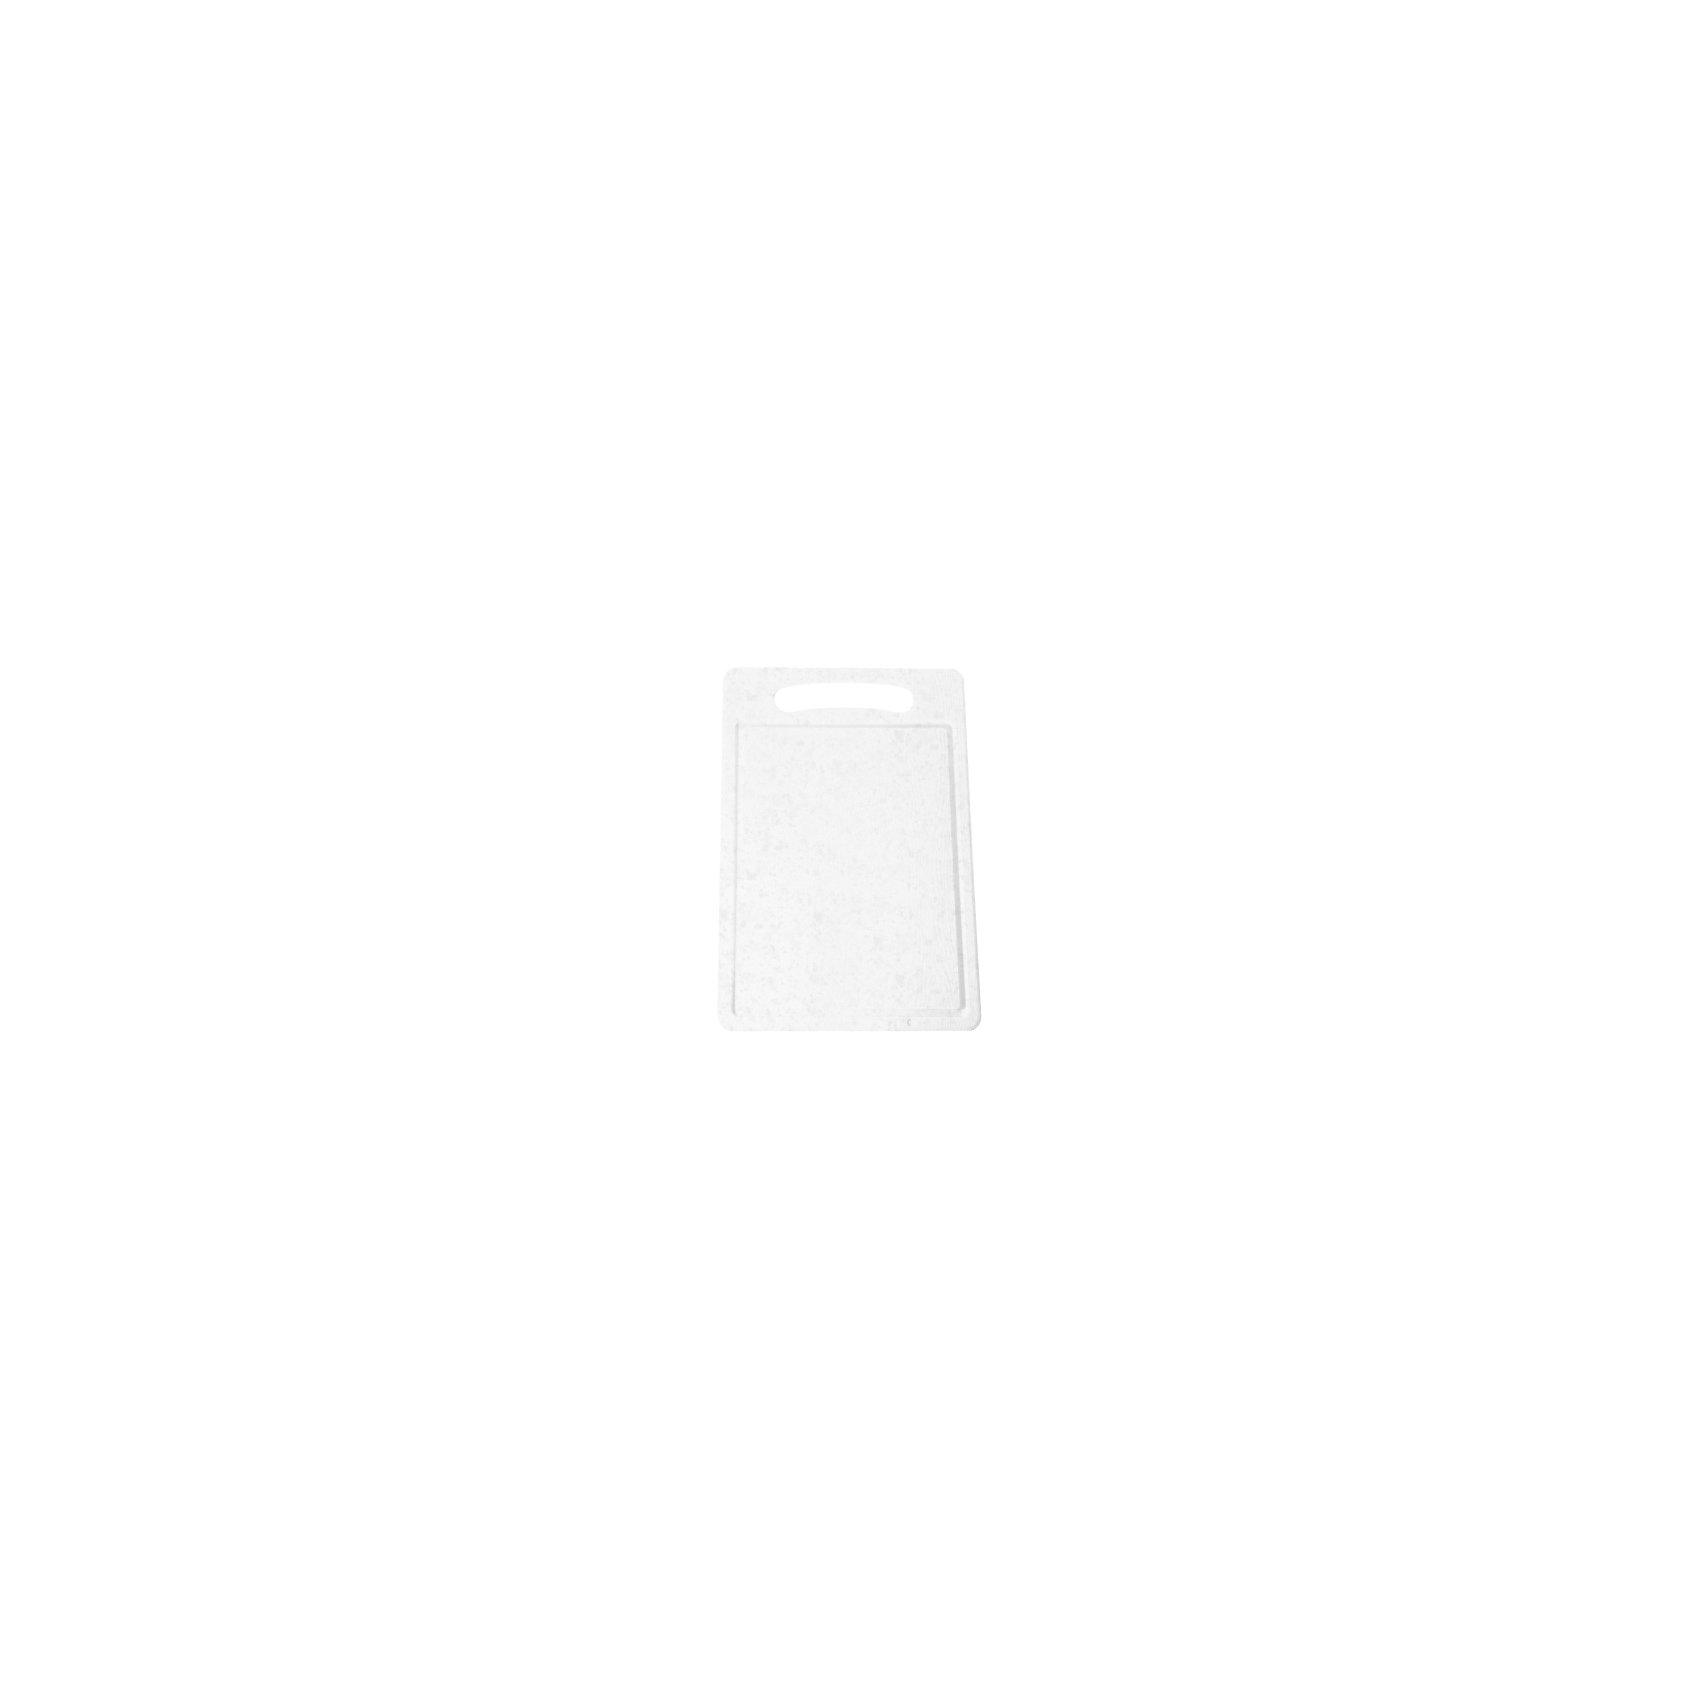 Доска разделочная №5, Plastic CentreКухонная утварь<br>Доска разделочная №5, Plastic Centre<br><br>Характеристики:<br><br>• Цвет: зеленый<br>• Материал: пластик<br>• В комплекте: 1 штука<br>• Размер: 45х29 см<br><br>Хорошие разделочные доски позволят вам легко навести порядок на вашей кухне и не отвлекаться на мелочи. Эта доска оснащена специальным желобком, который поможет слить стекающую воду, не потревожив продукты. Изготовлены они из высококачественного пищевого пластика, который безопасен  для здоровья. Доска устойчива к запахам и порезам от ножа.<br><br>Доска разделочная №5, Plastic Centre можно купить в нашем интернет-магазине.<br><br>Ширина мм: 450<br>Глубина мм: 290<br>Высота мм: 7<br>Вес г: 651<br>Возраст от месяцев: 216<br>Возраст до месяцев: 1188<br>Пол: Унисекс<br>Возраст: Детский<br>SKU: 5545673